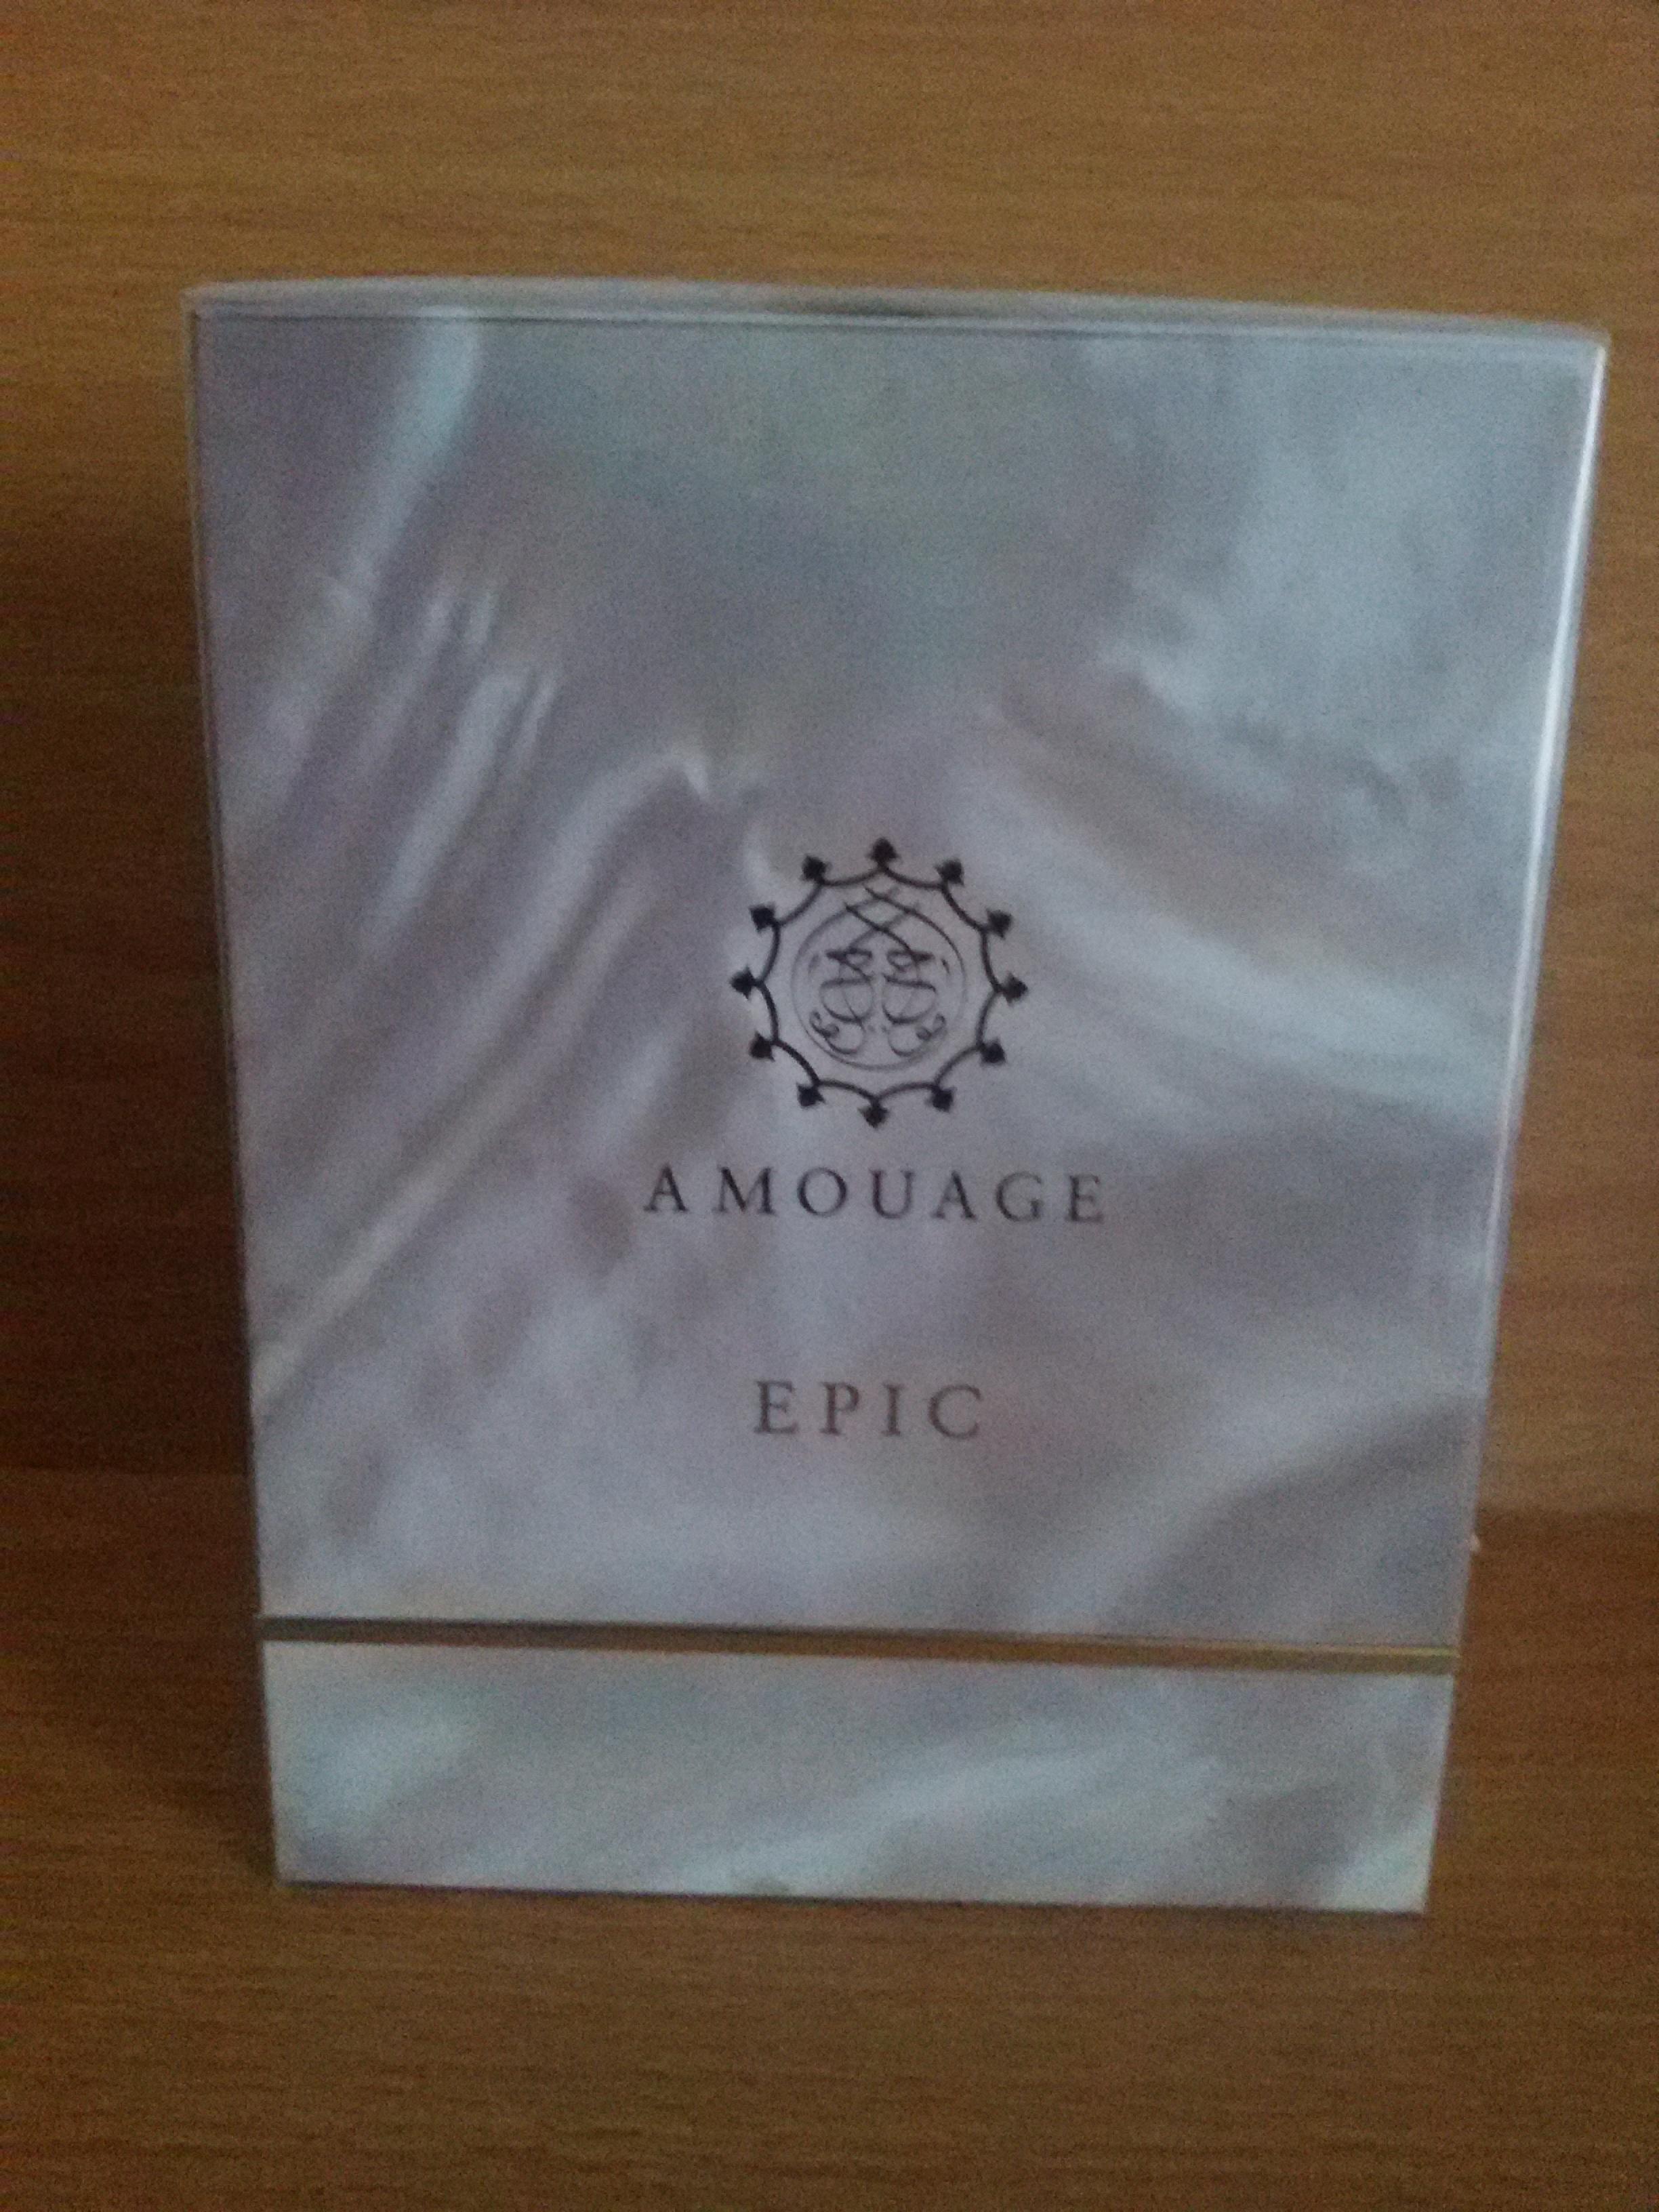 น้ำหอม Amouage Epic Woman edp spray 100ml.